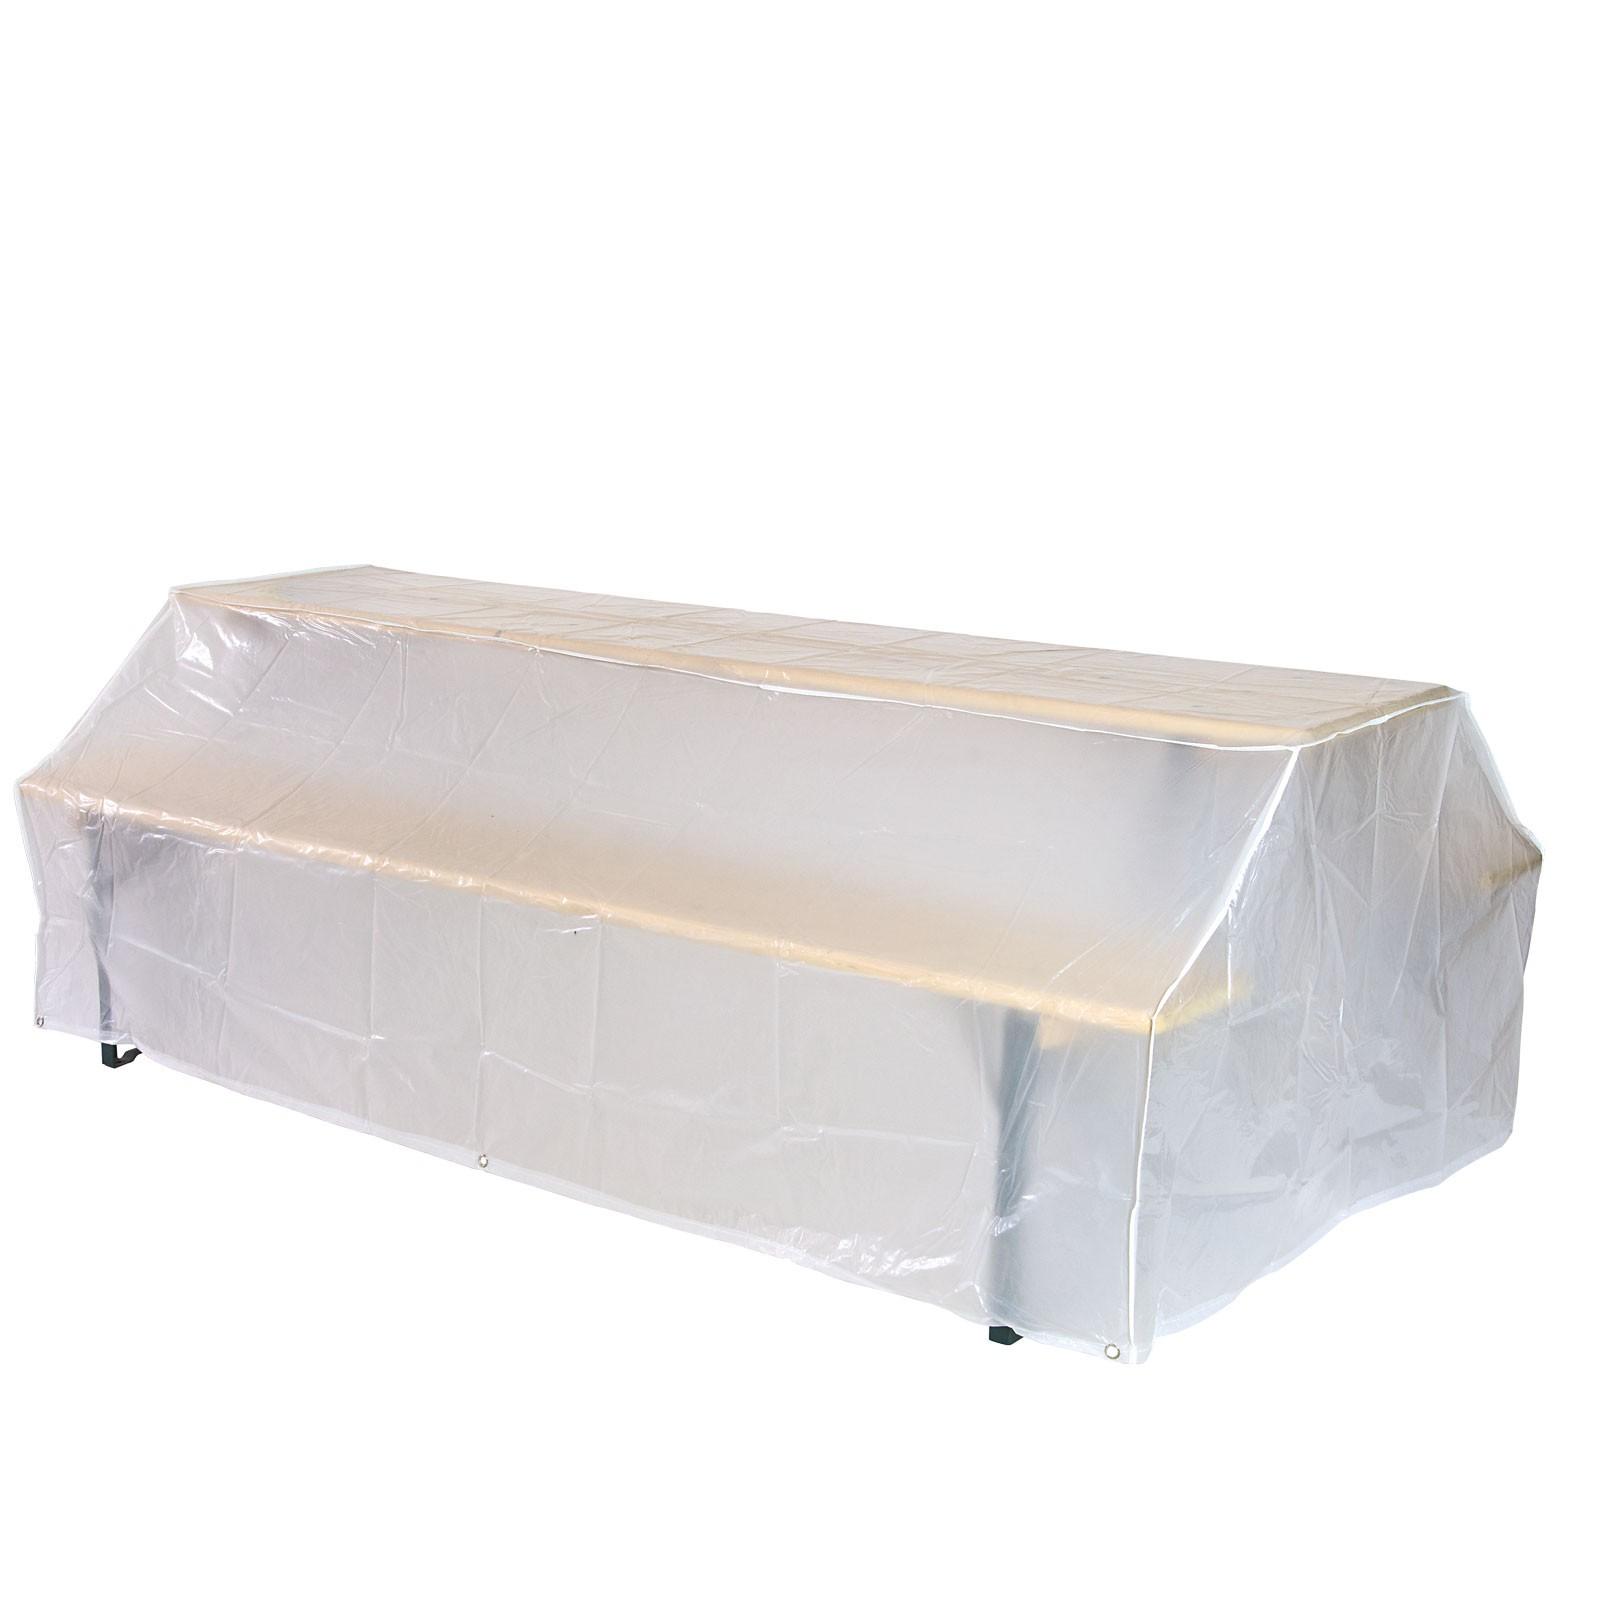 schutzh lle f r bierzeltgarnitur abdeckung 221x121x75 cm abdeckplane bierbank ebay. Black Bedroom Furniture Sets. Home Design Ideas